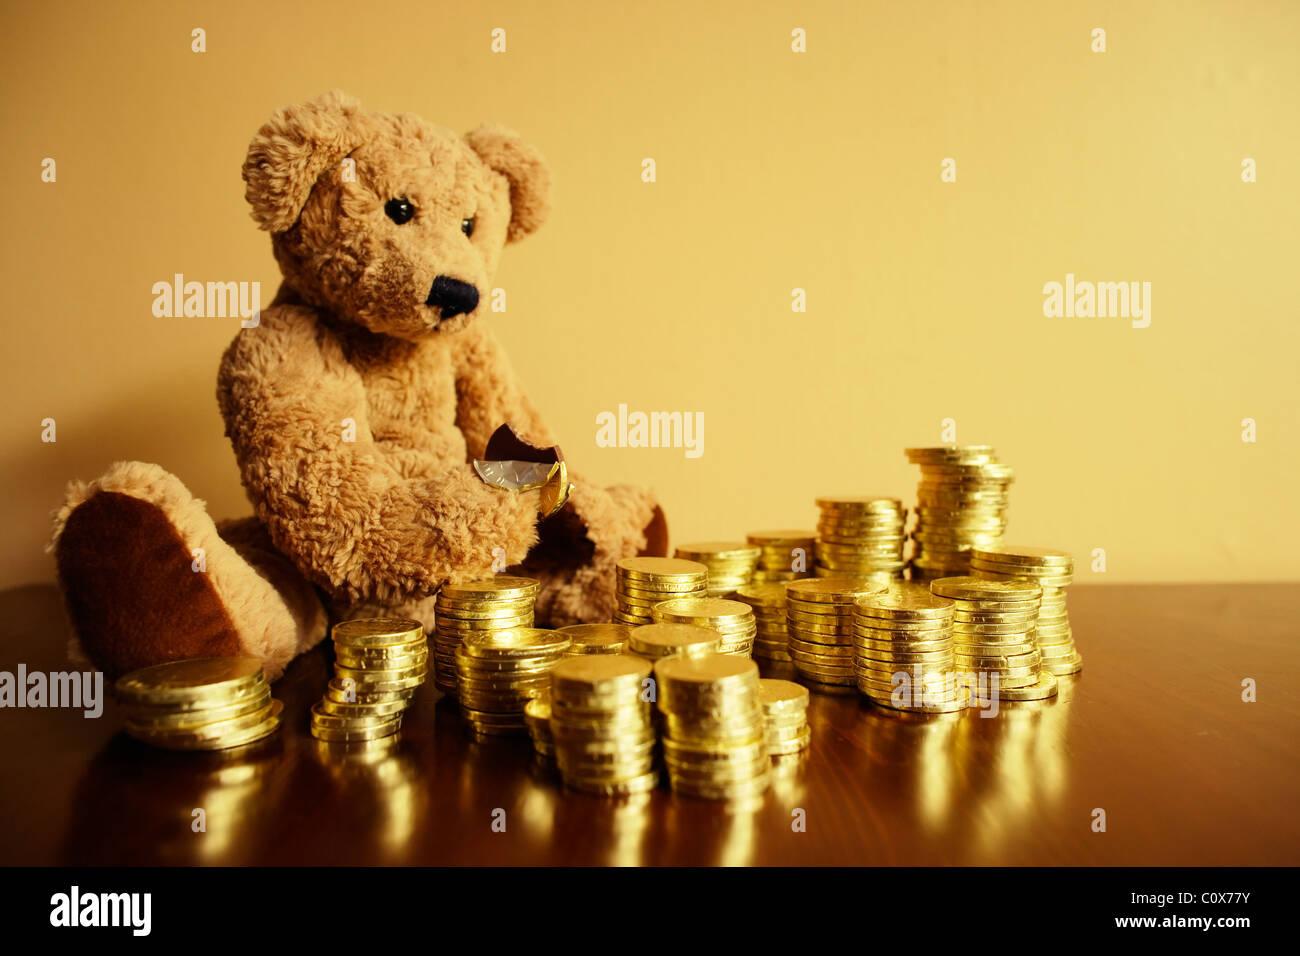 Ted si infila nel suo cioccolato moneta in oro da investimento. Immagini Stock